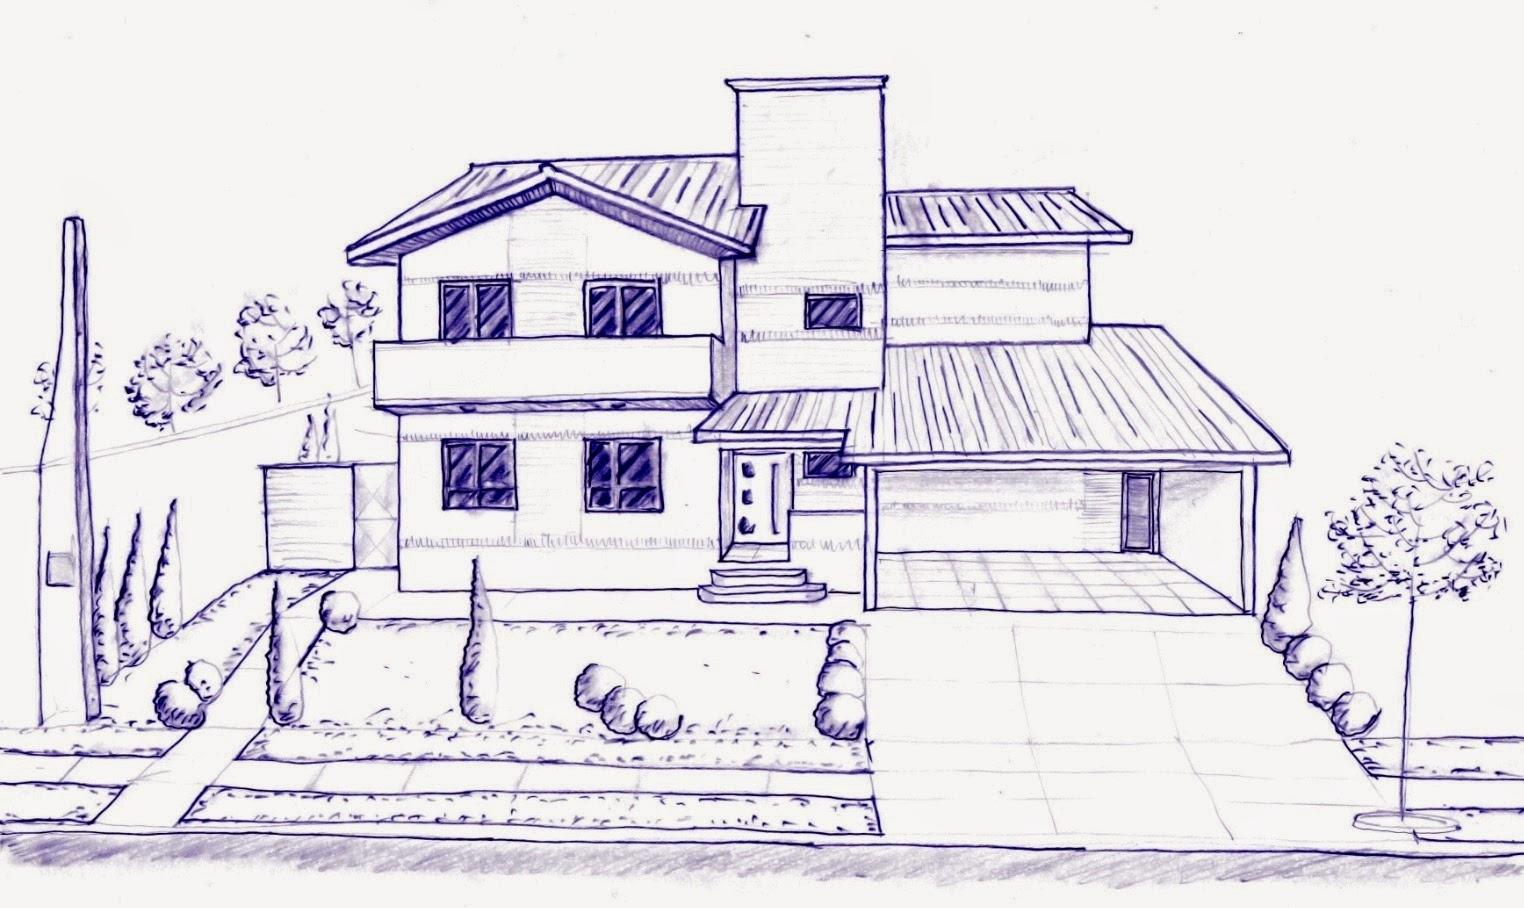 Os primeiros estudos, feitos à mão livre, já continham os conceitos que embasam o partido arquitetônico deste projeto.